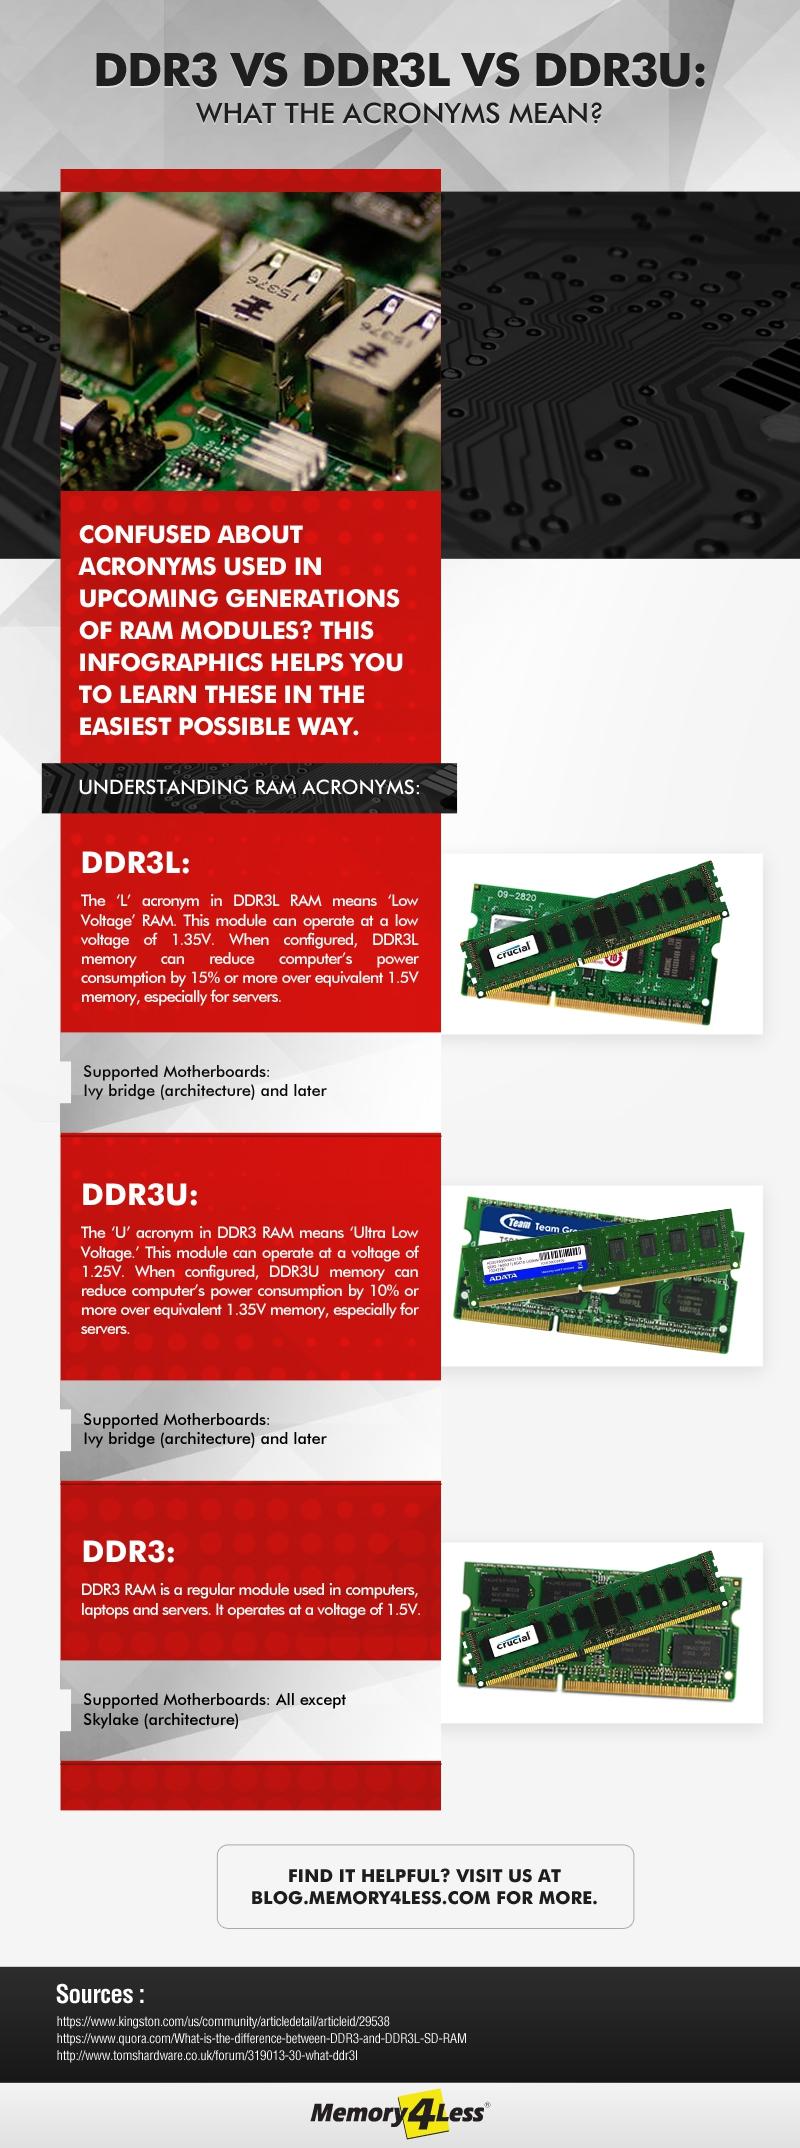 DDR3-vs-DDR3L-vs-DDR3U